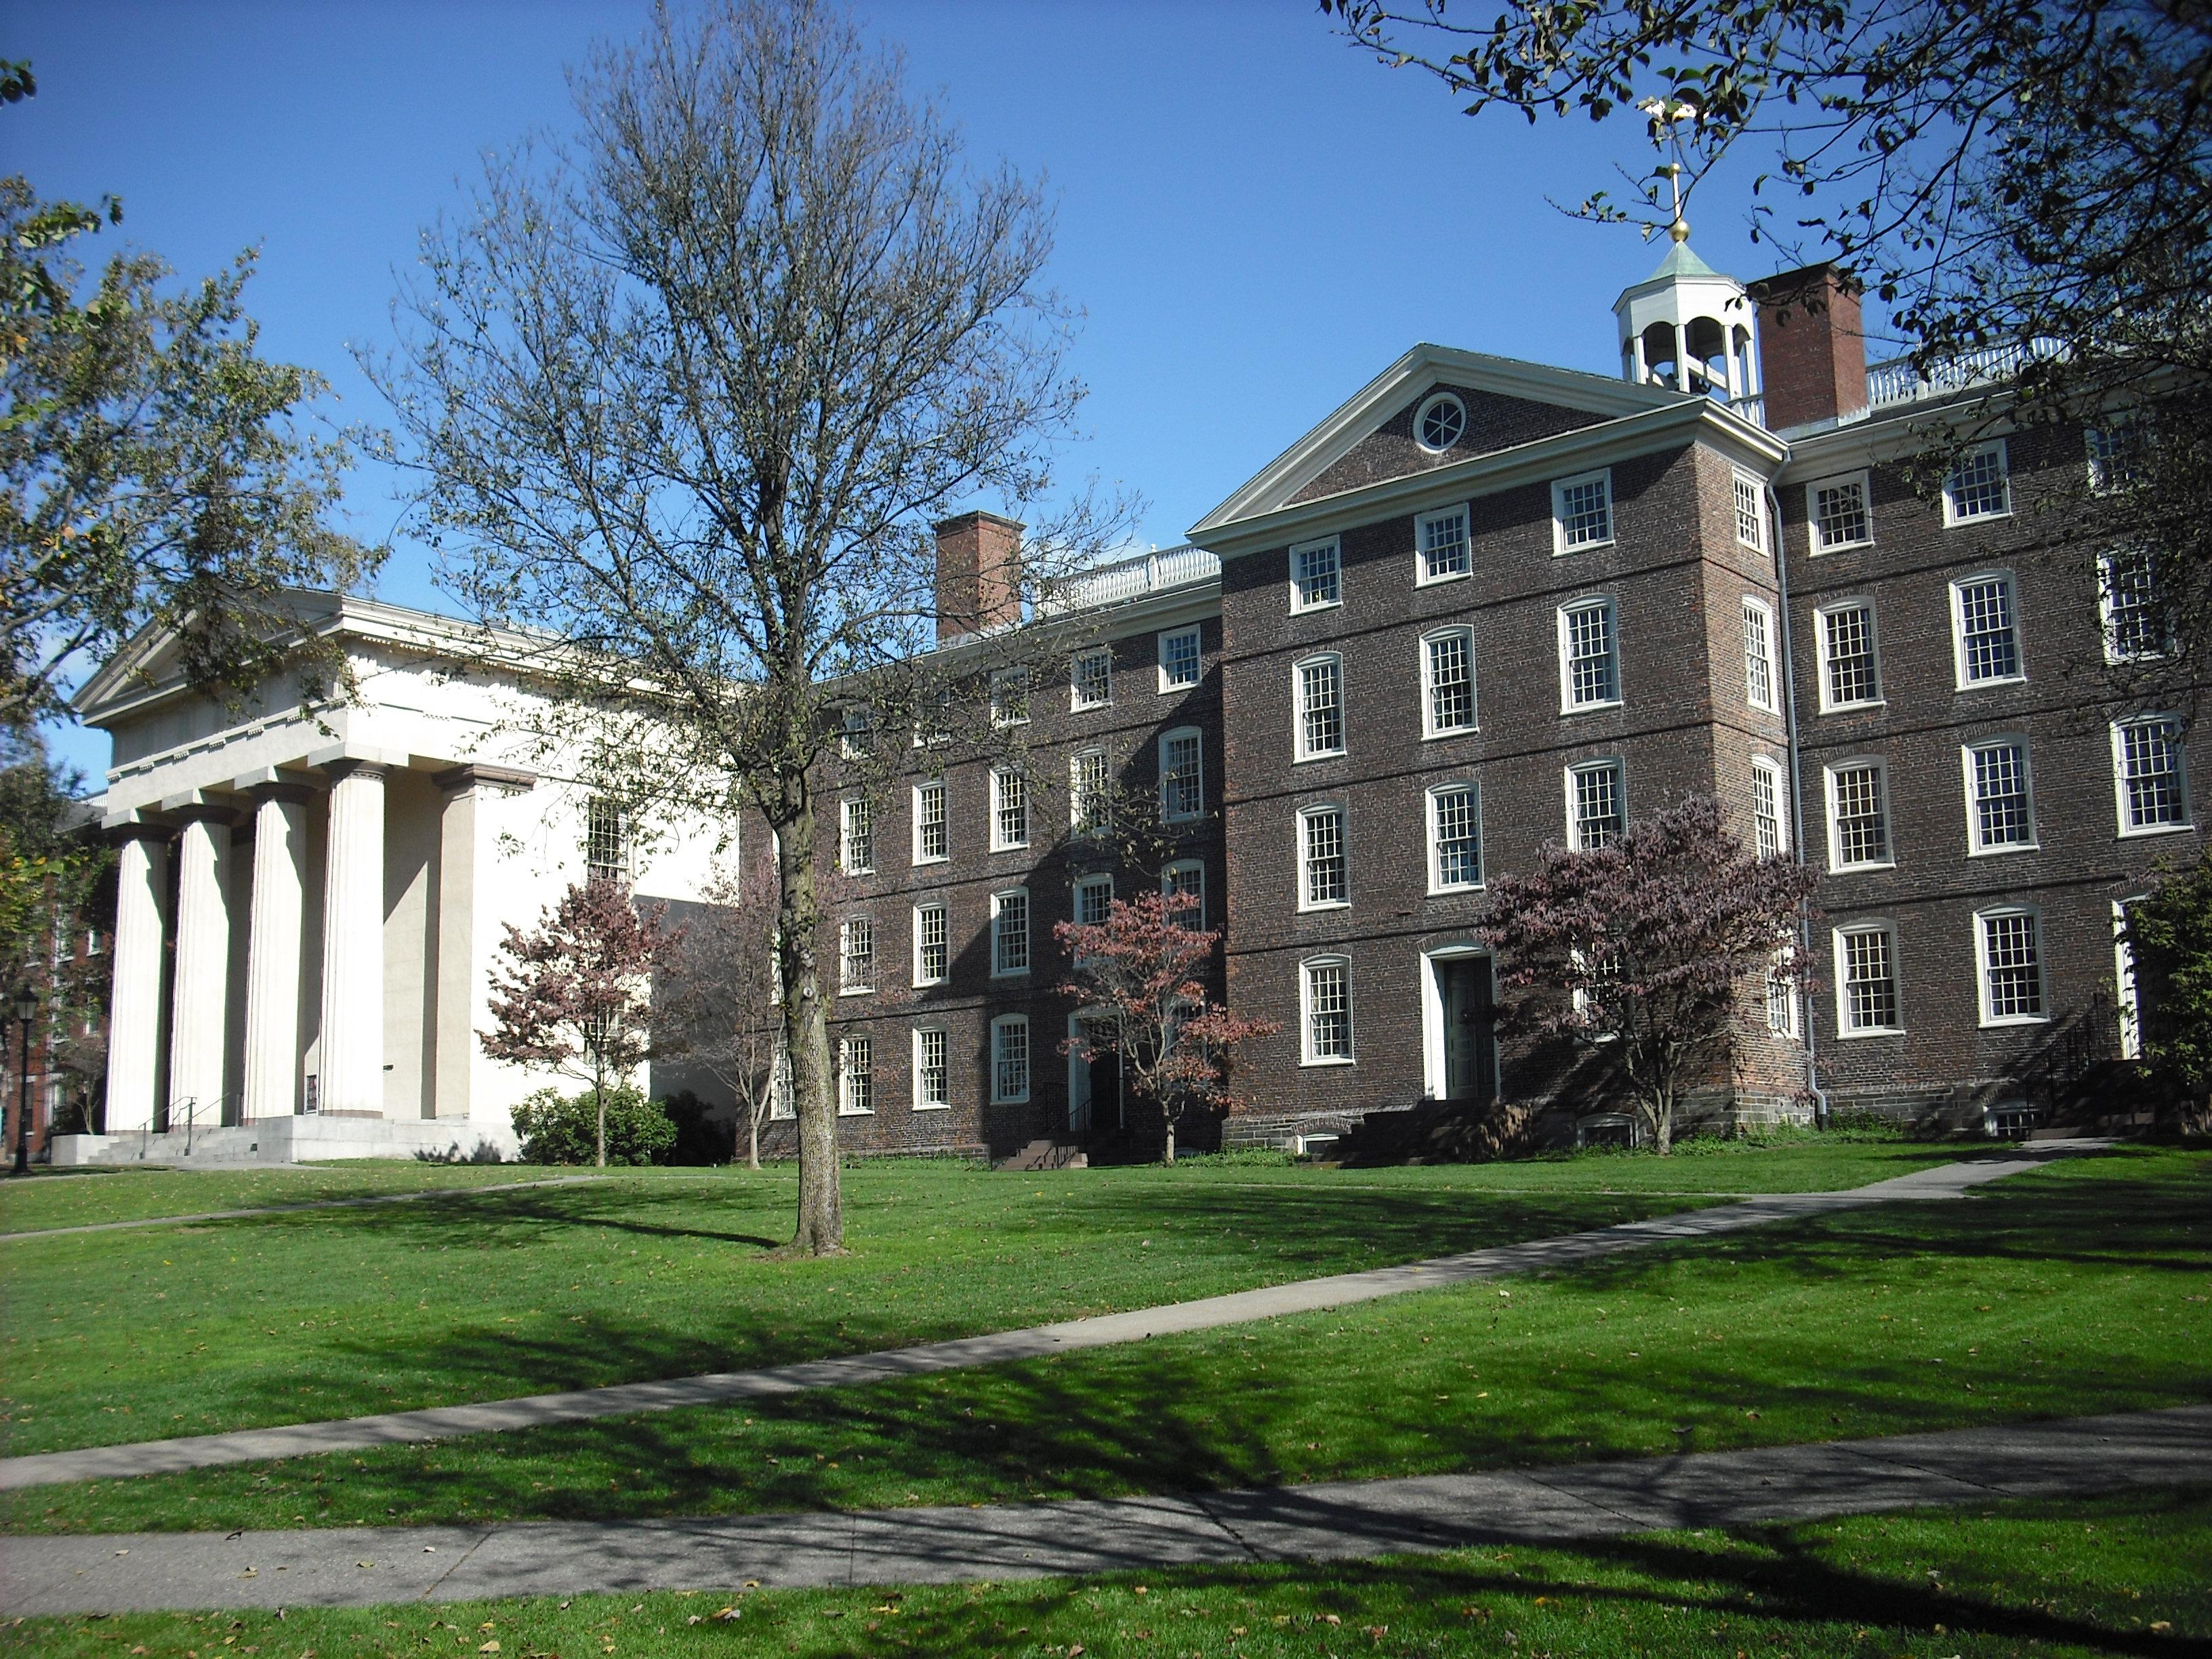 慶應義塾の創設者である福澤諭吉が西洋高等教育を学んだ、ブラウン大学【IVY】。